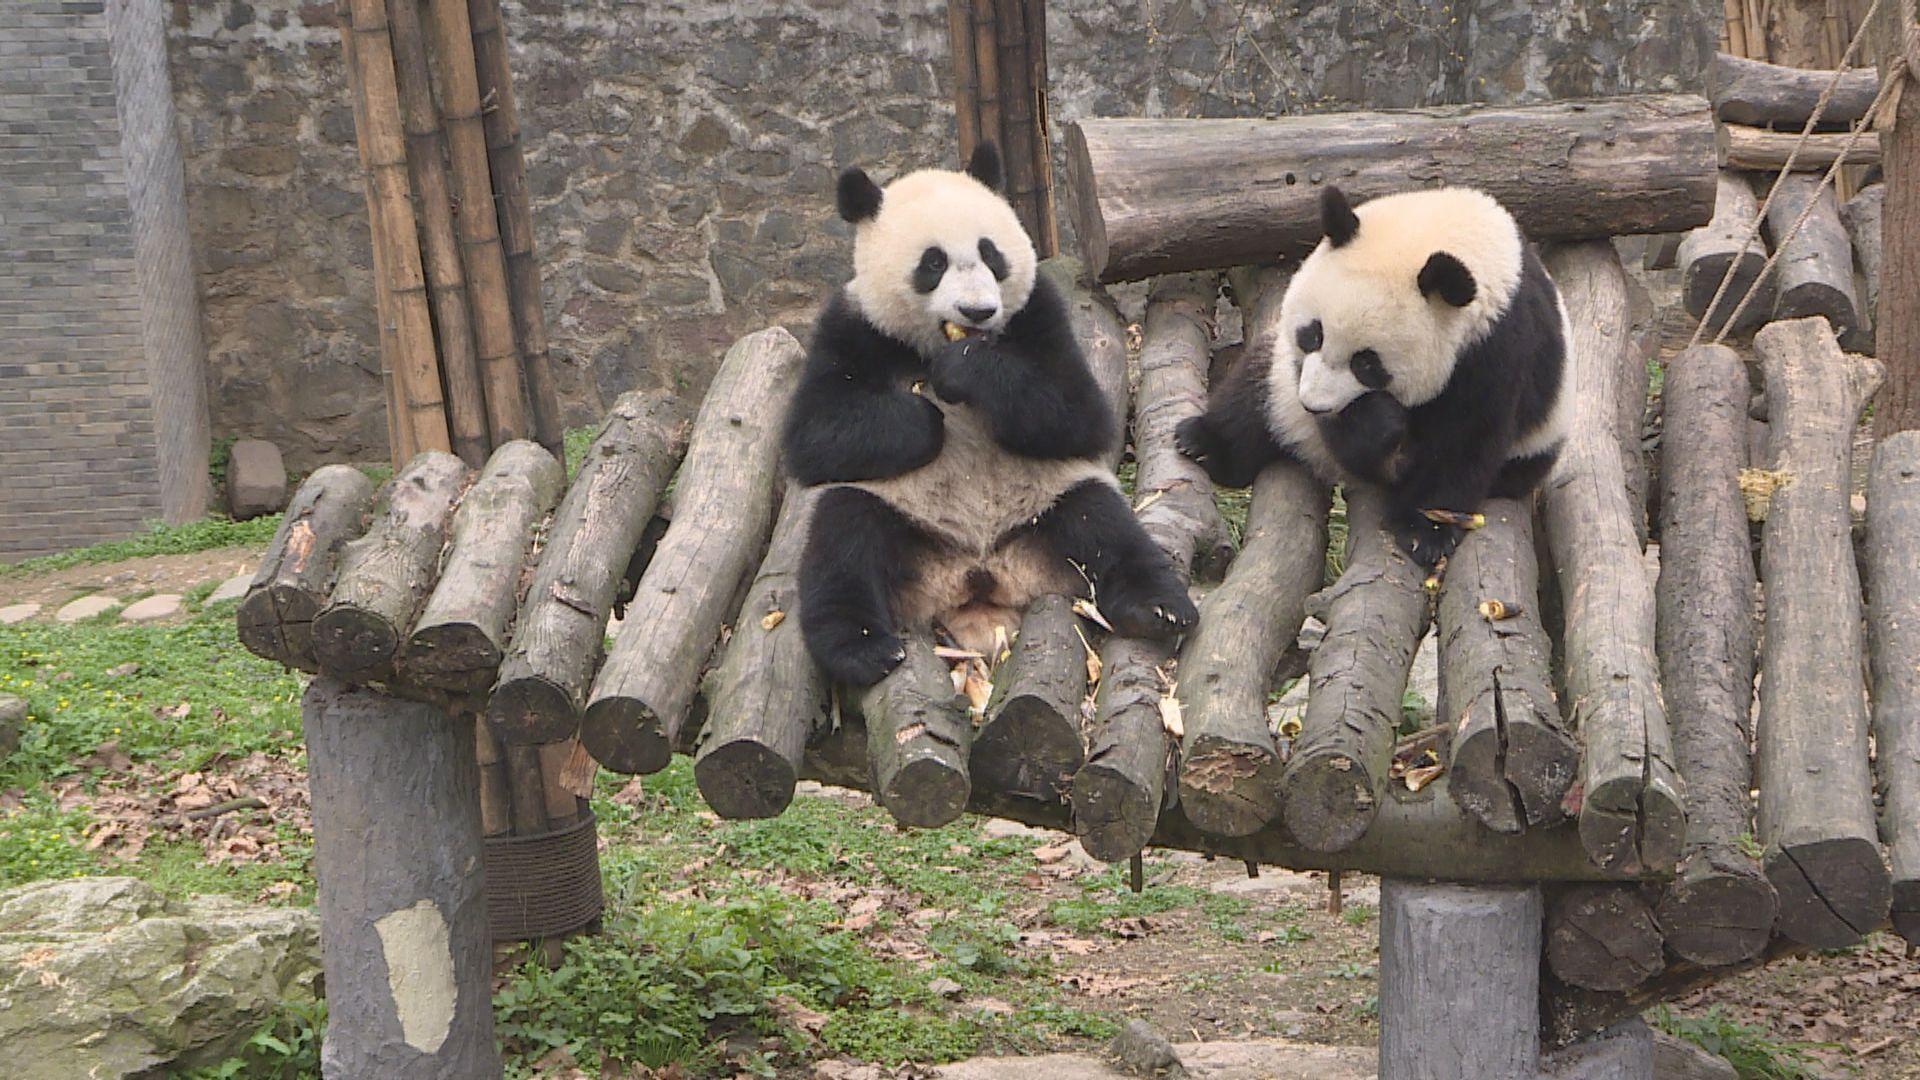 【環球薈報】研究指野生大熊貓會以馬糞保暖